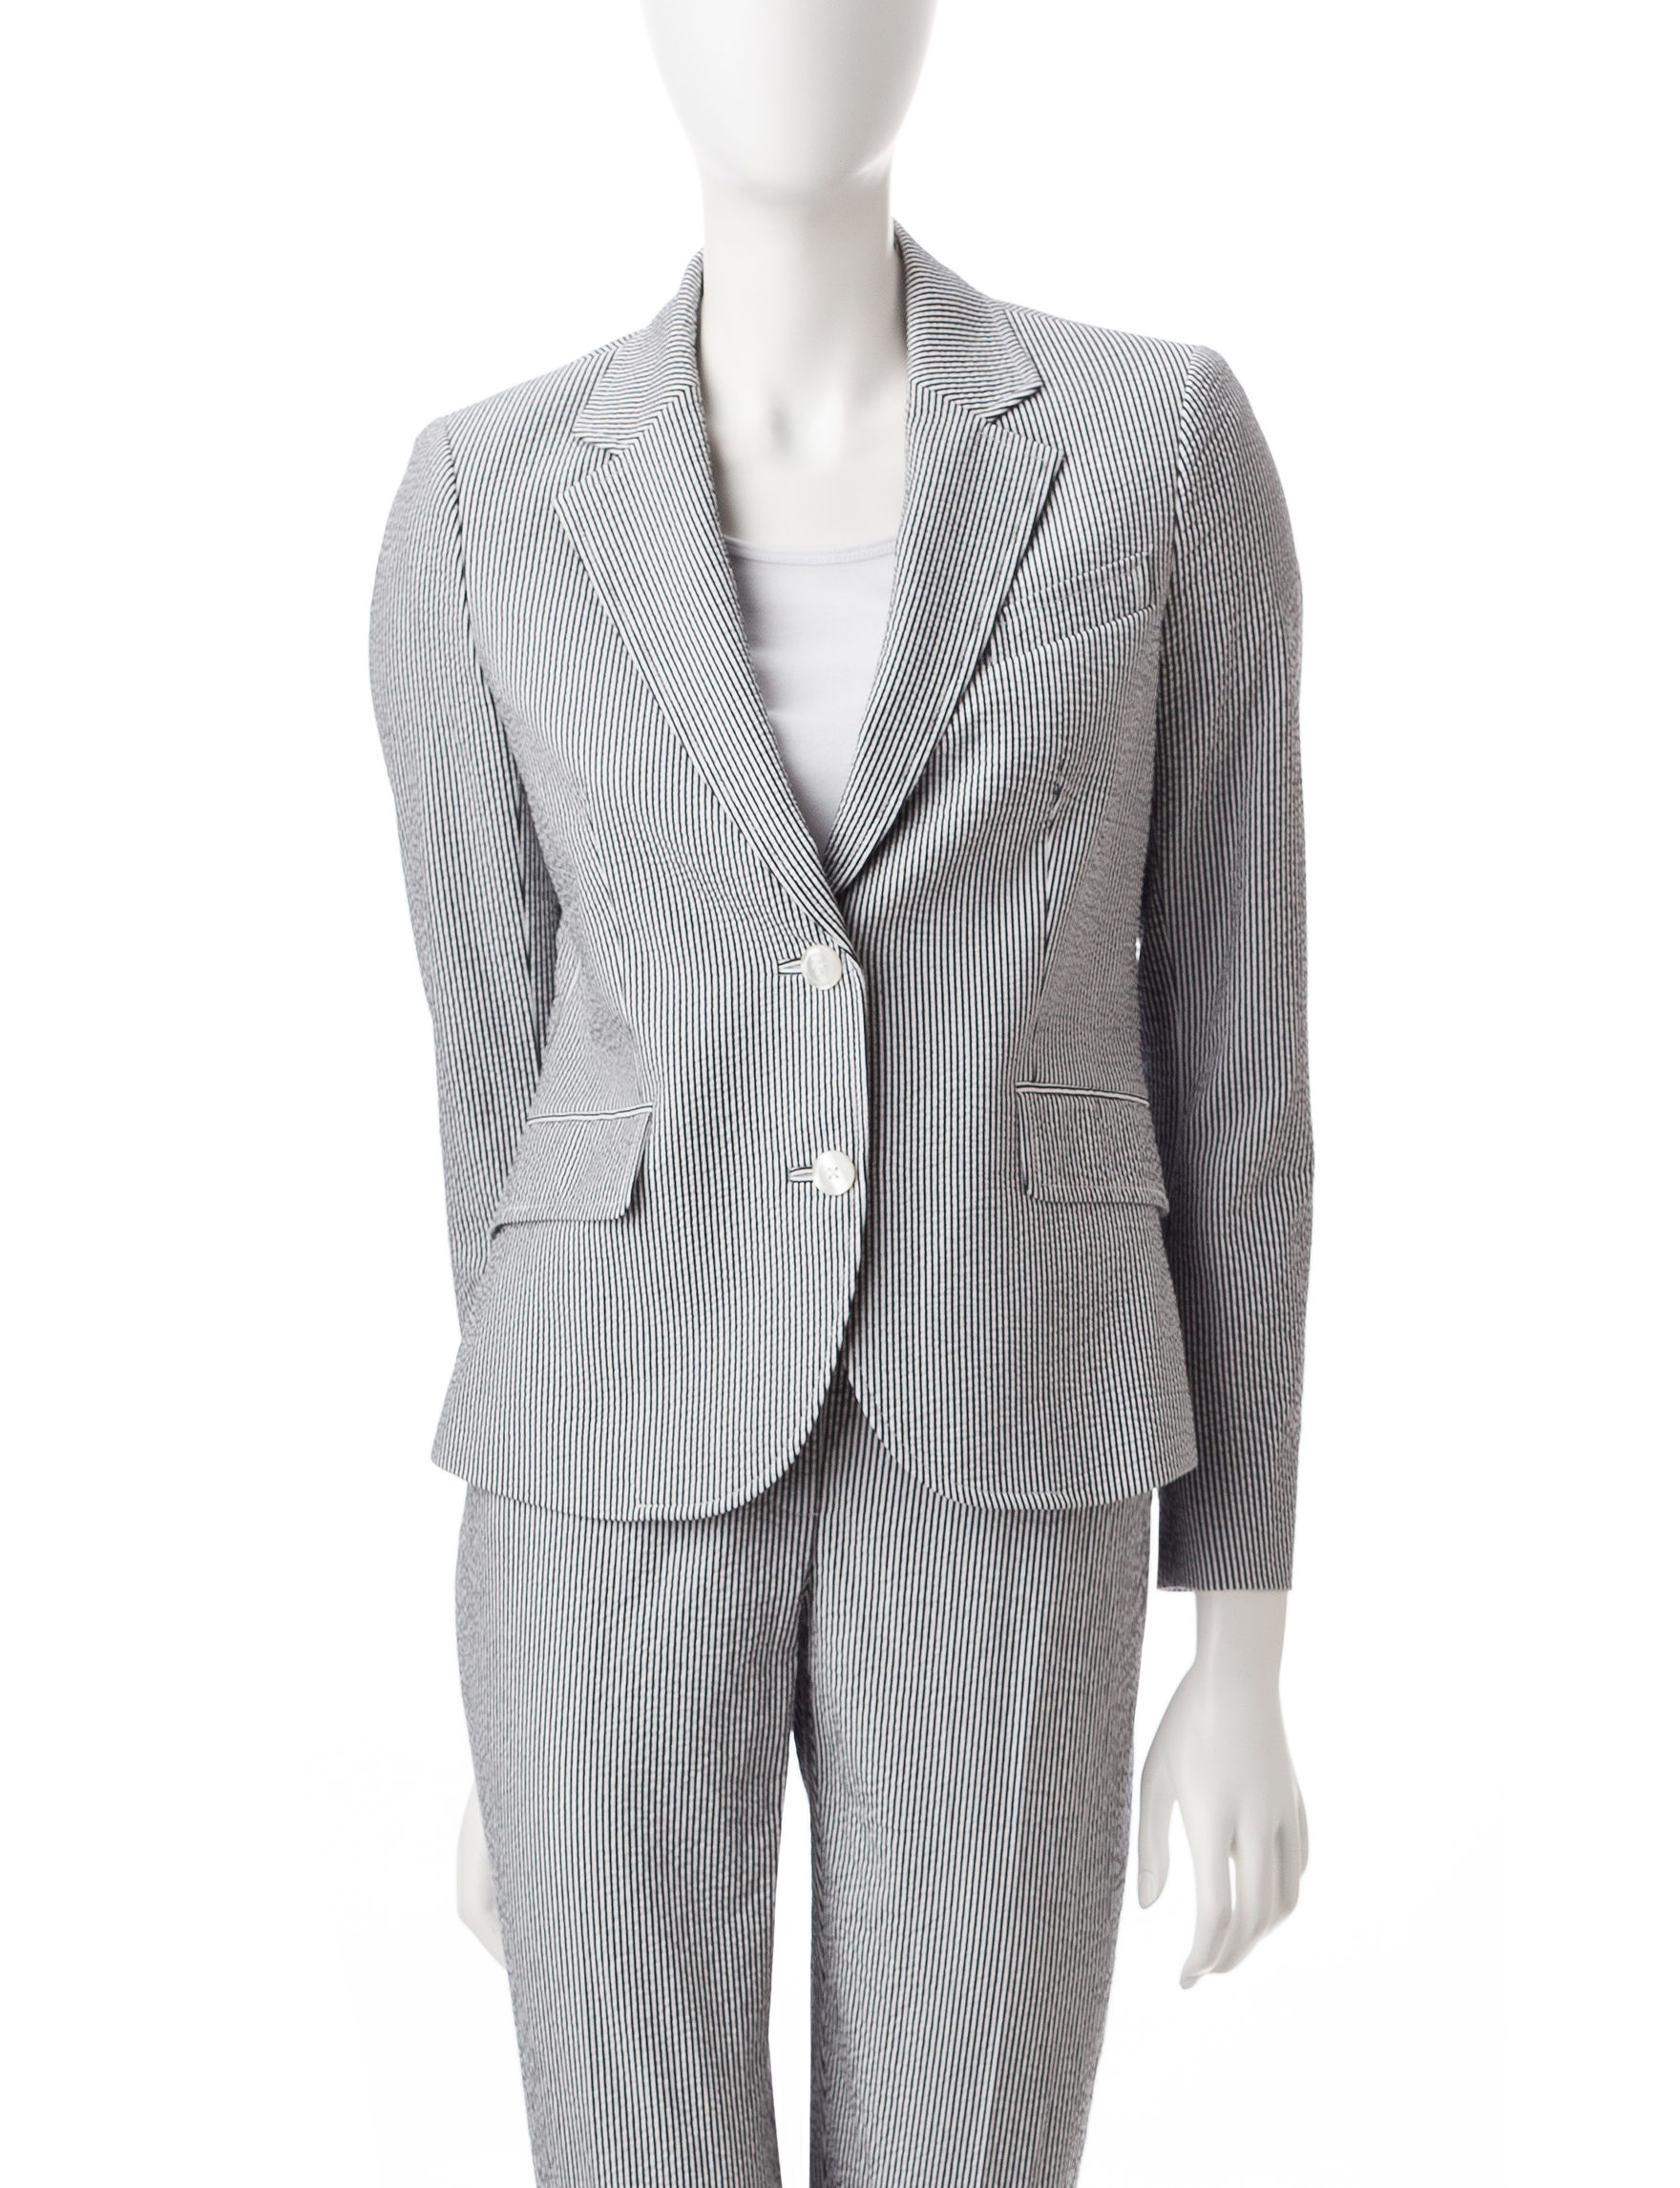 Anne Klein Black / White Lightweight Jackets & Blazers